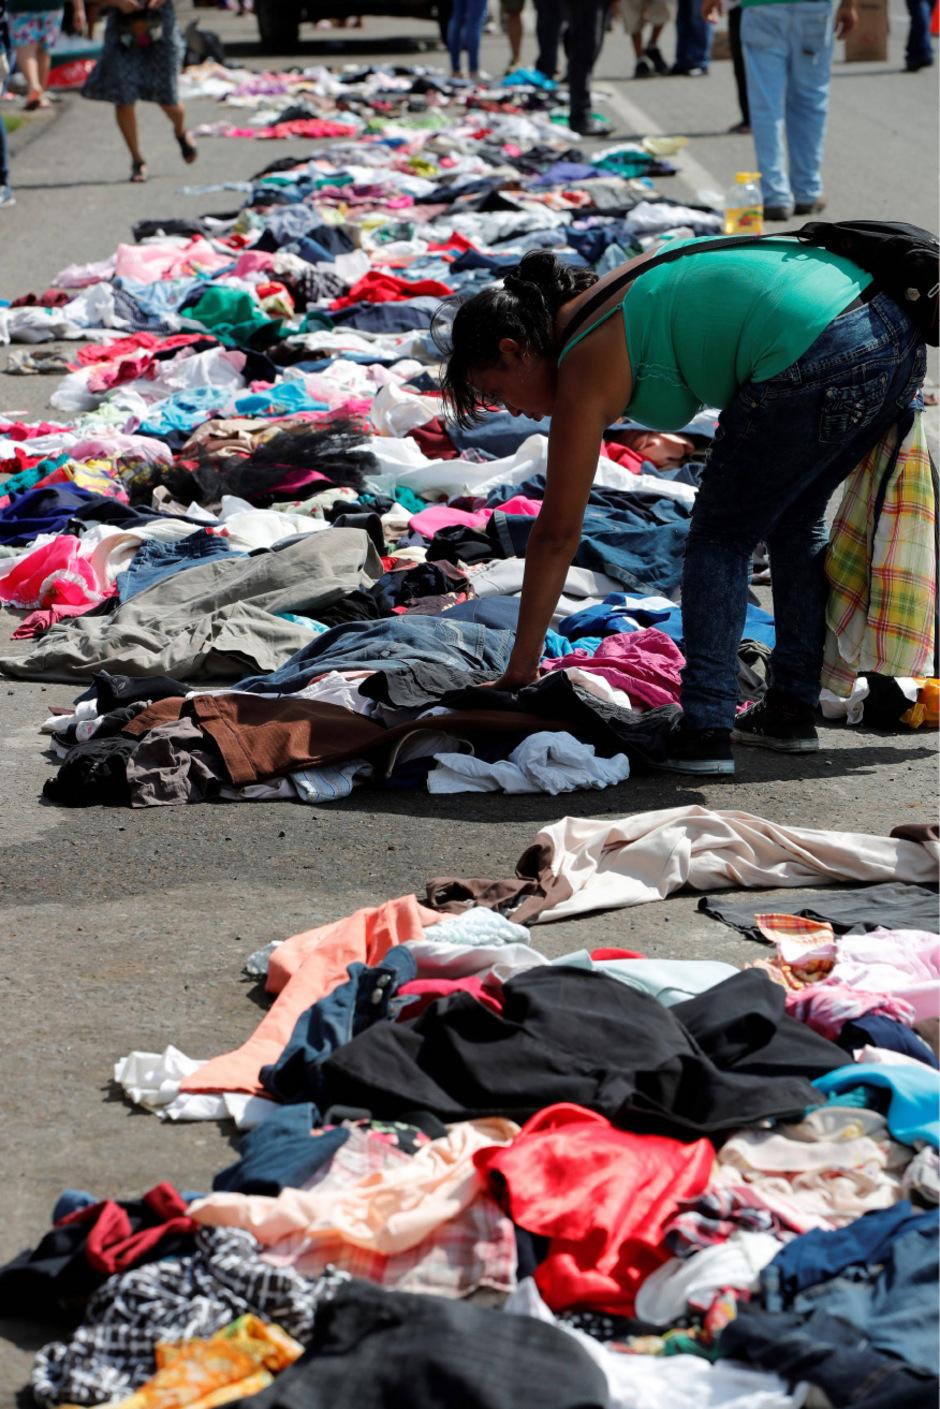 Einheimische haben Kleidung und andere Güter für die Migranten gespendet.